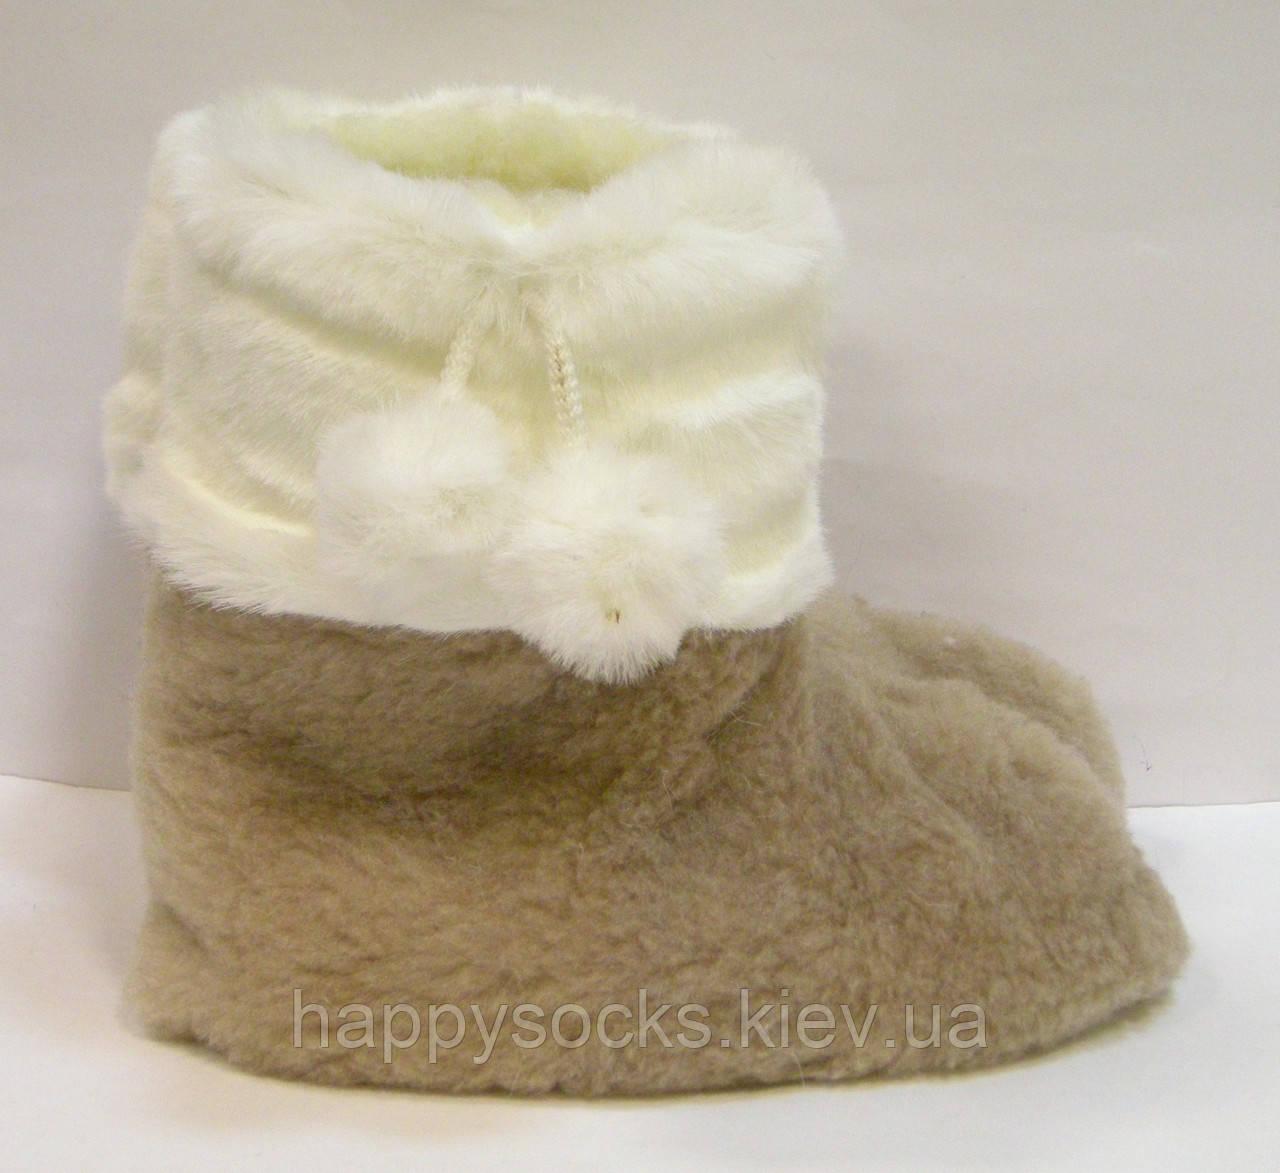 Тапочки-сапожки меховые с помпоном из кролика женские для дома